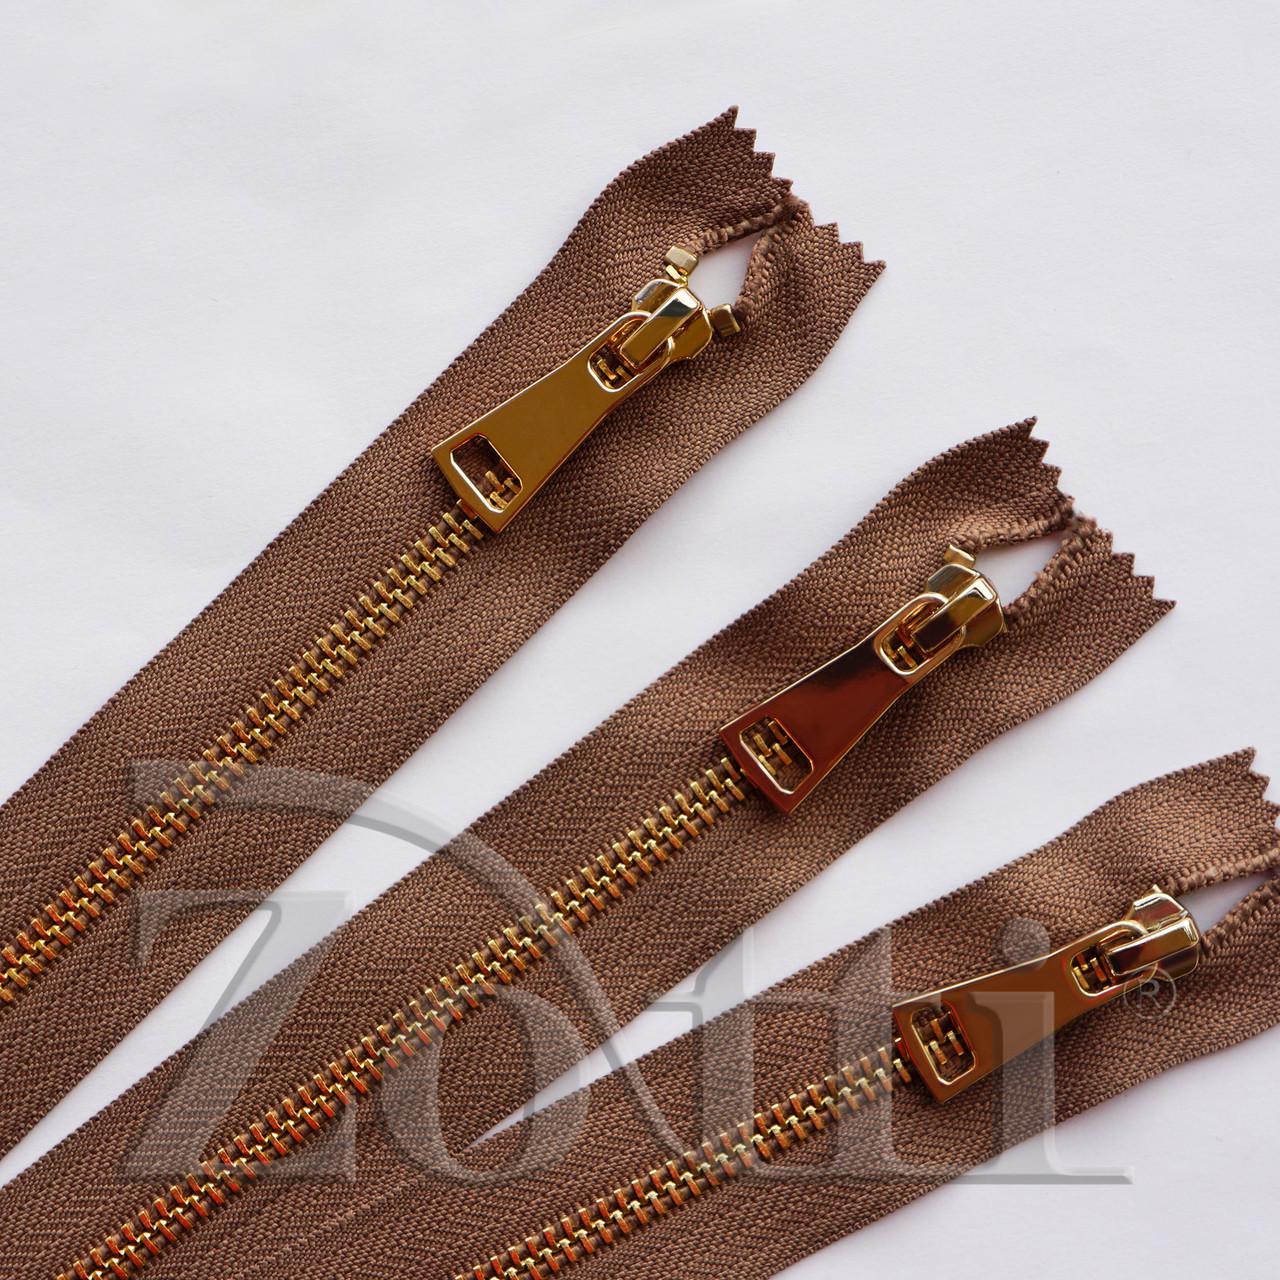 Молния (змейка,застежка) металлическая №5, размерная, обувная, коричневая, с золотым бегунком № 115 - 18 см